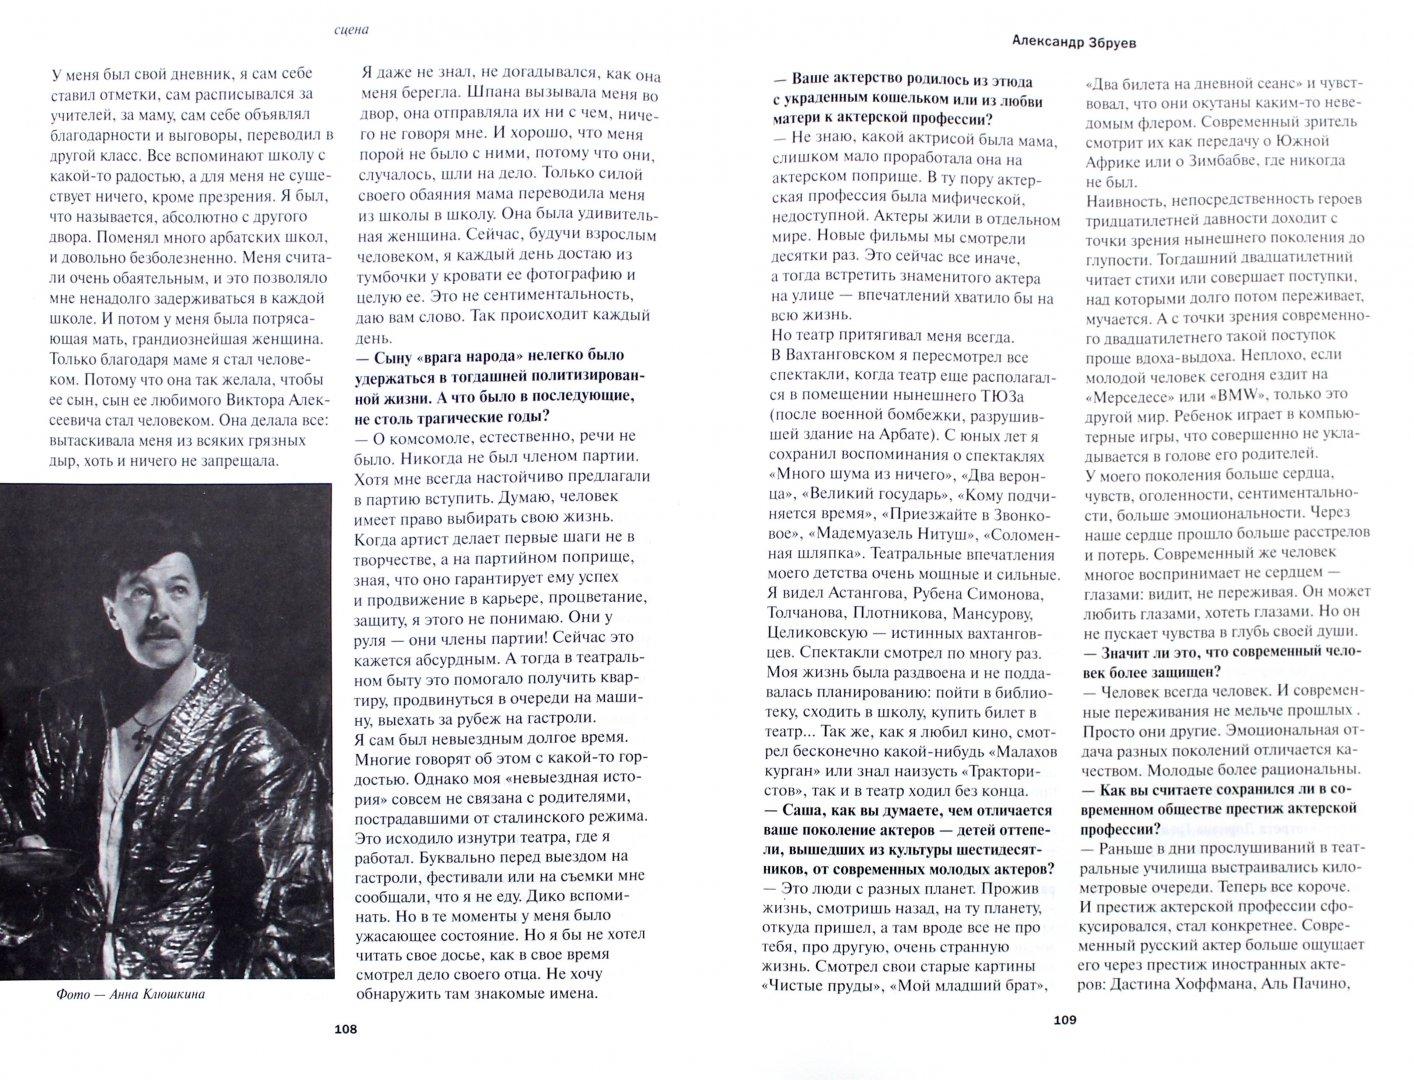 Иллюстрация 1 из 5 для Эффект присутствия: Интервью с легендой - Наталия Колесова | Лабиринт - книги. Источник: Лабиринт